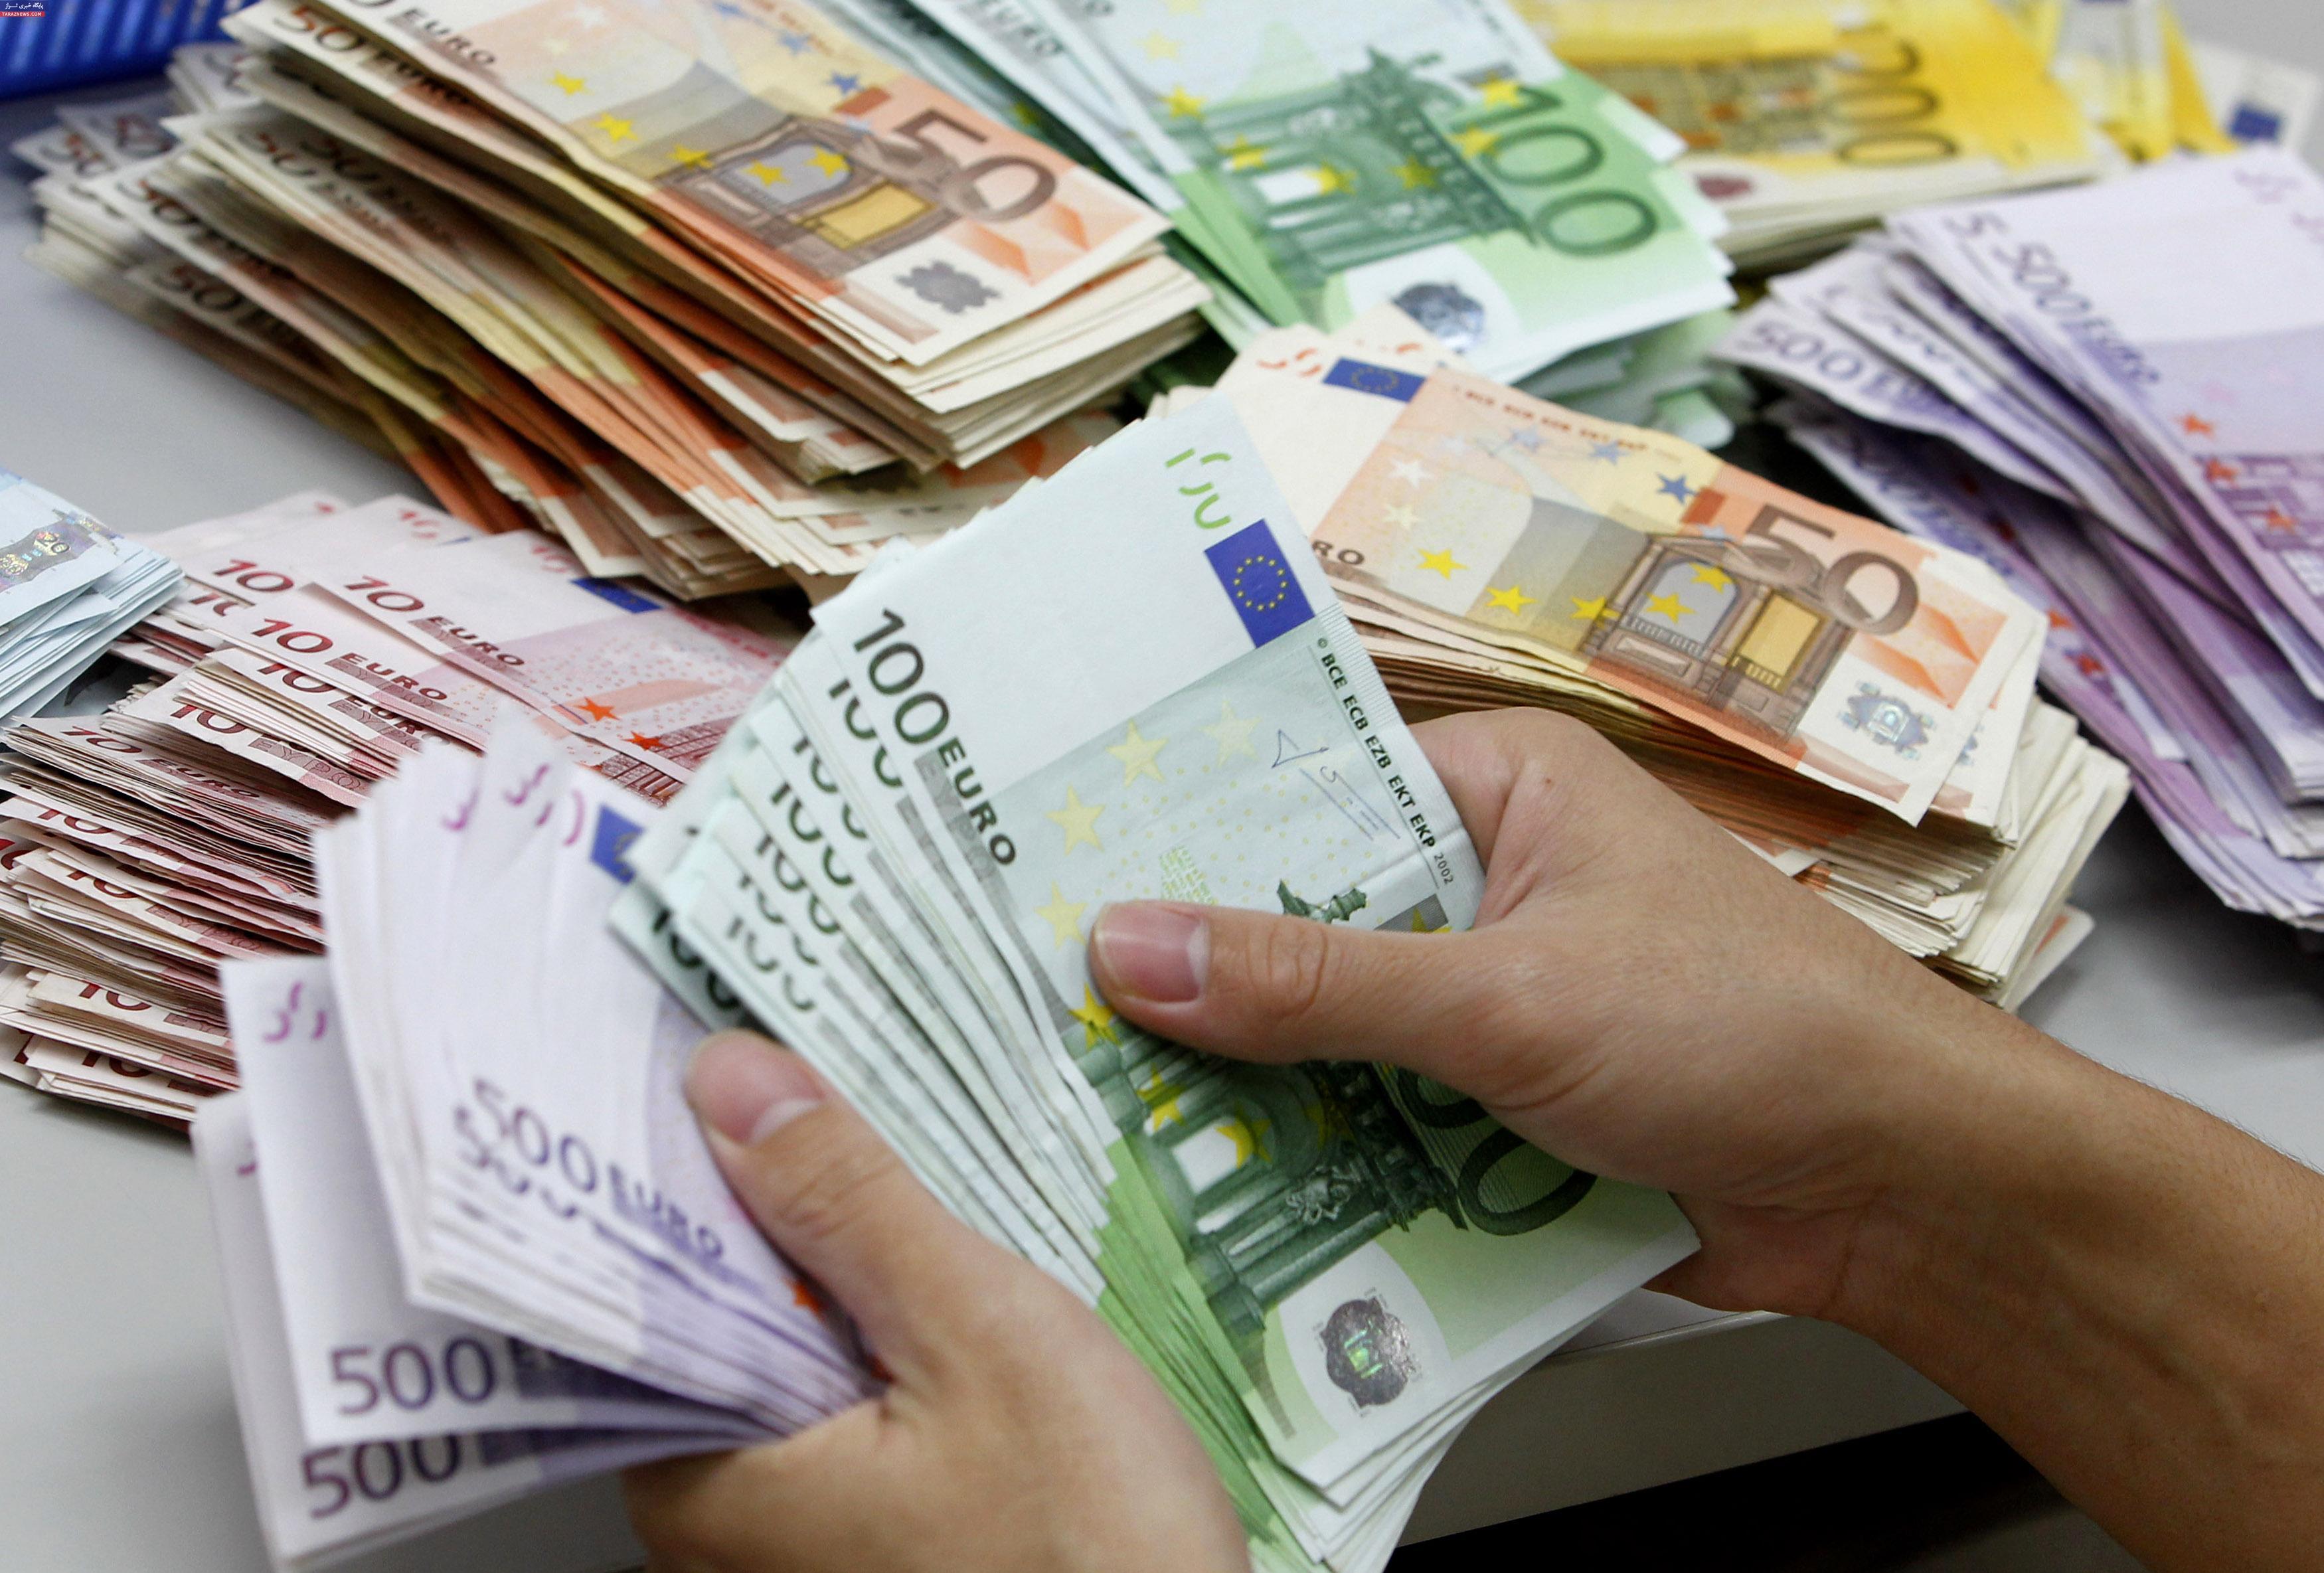 تسعیر نرخ ارز همراه با یکسان سازی اقتصاد را شکوفا میکند/ چه کسانی از تسعیر ارز زیان میبینند؟